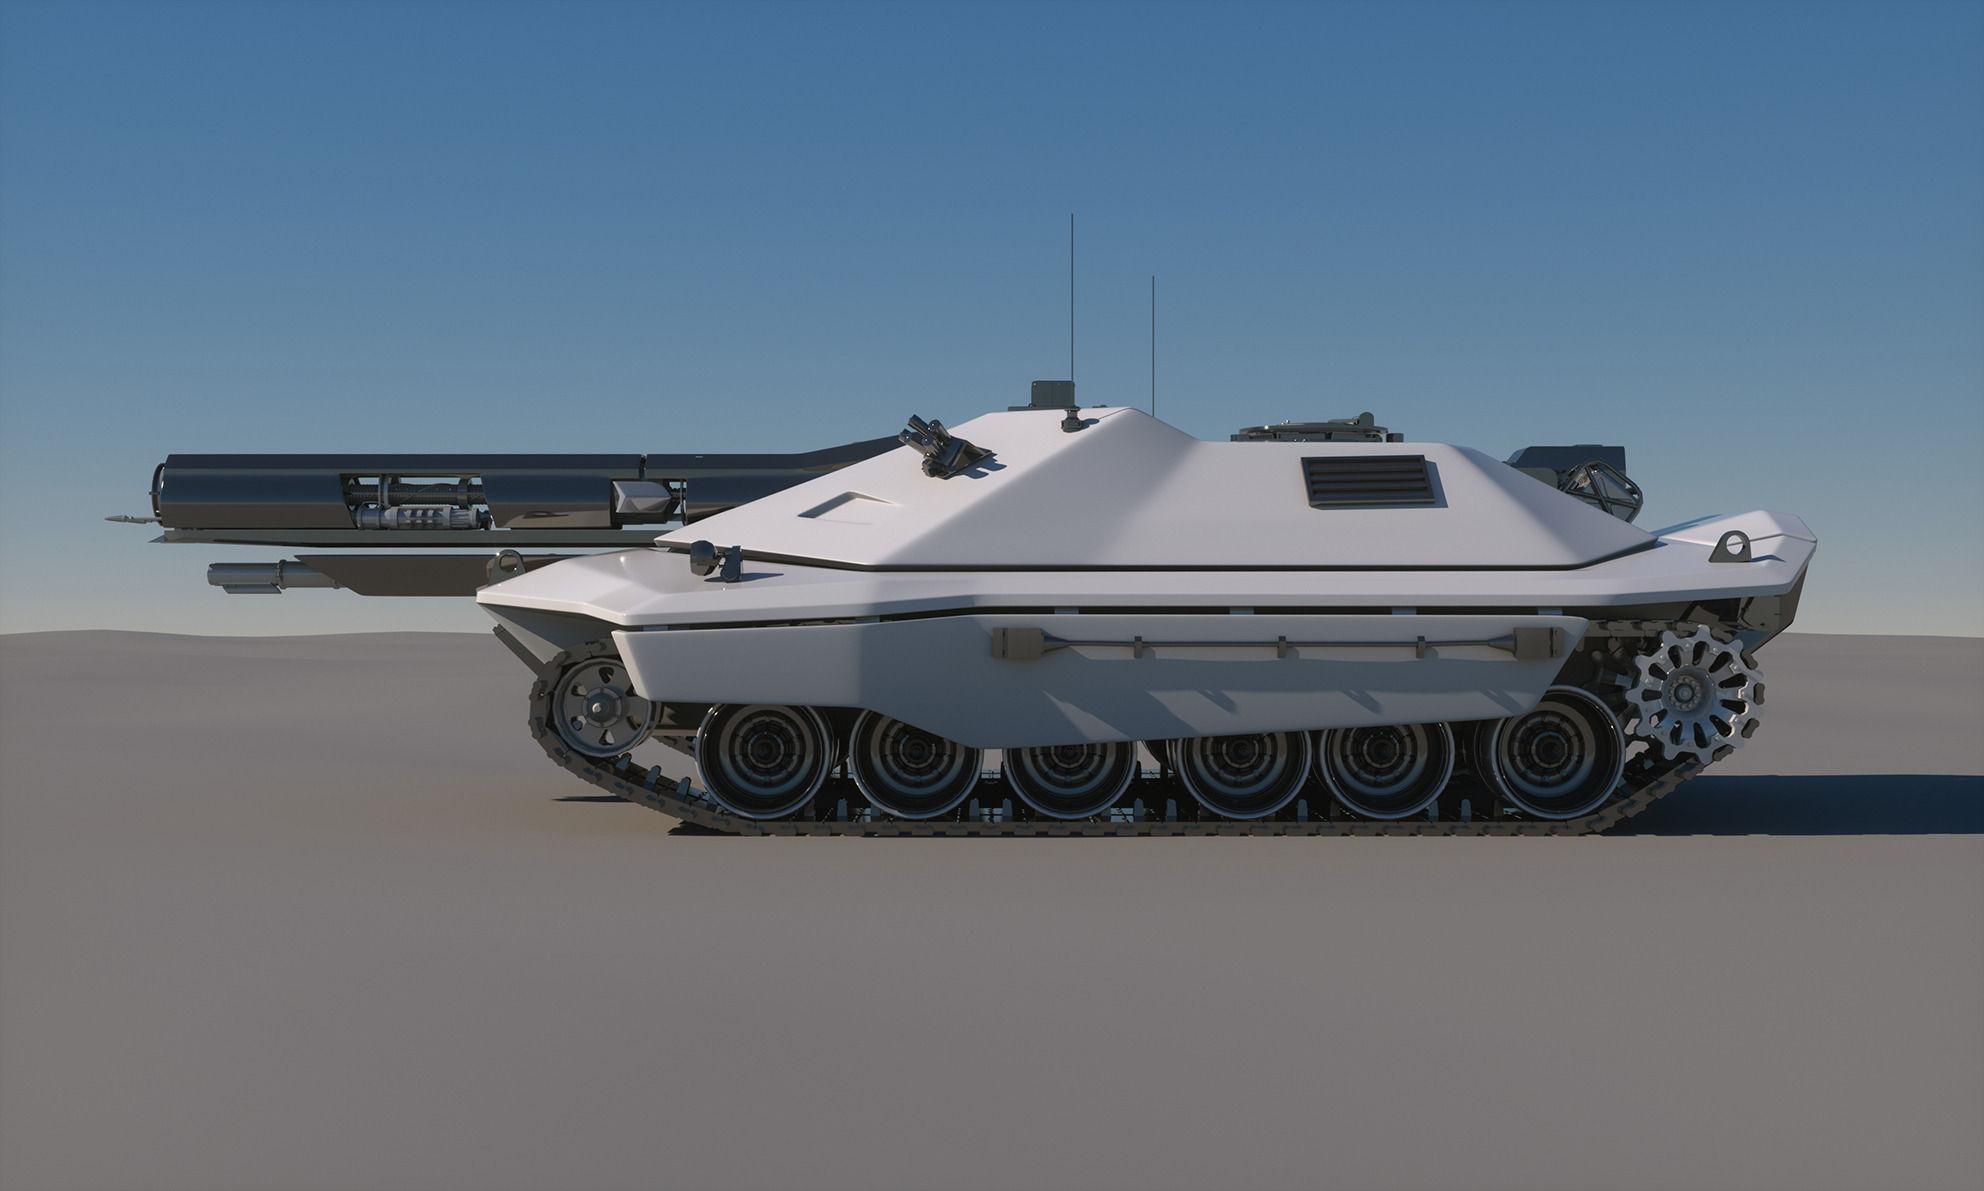 Sci Fi Future Tank Concept 3d Model Max Obj Fbx